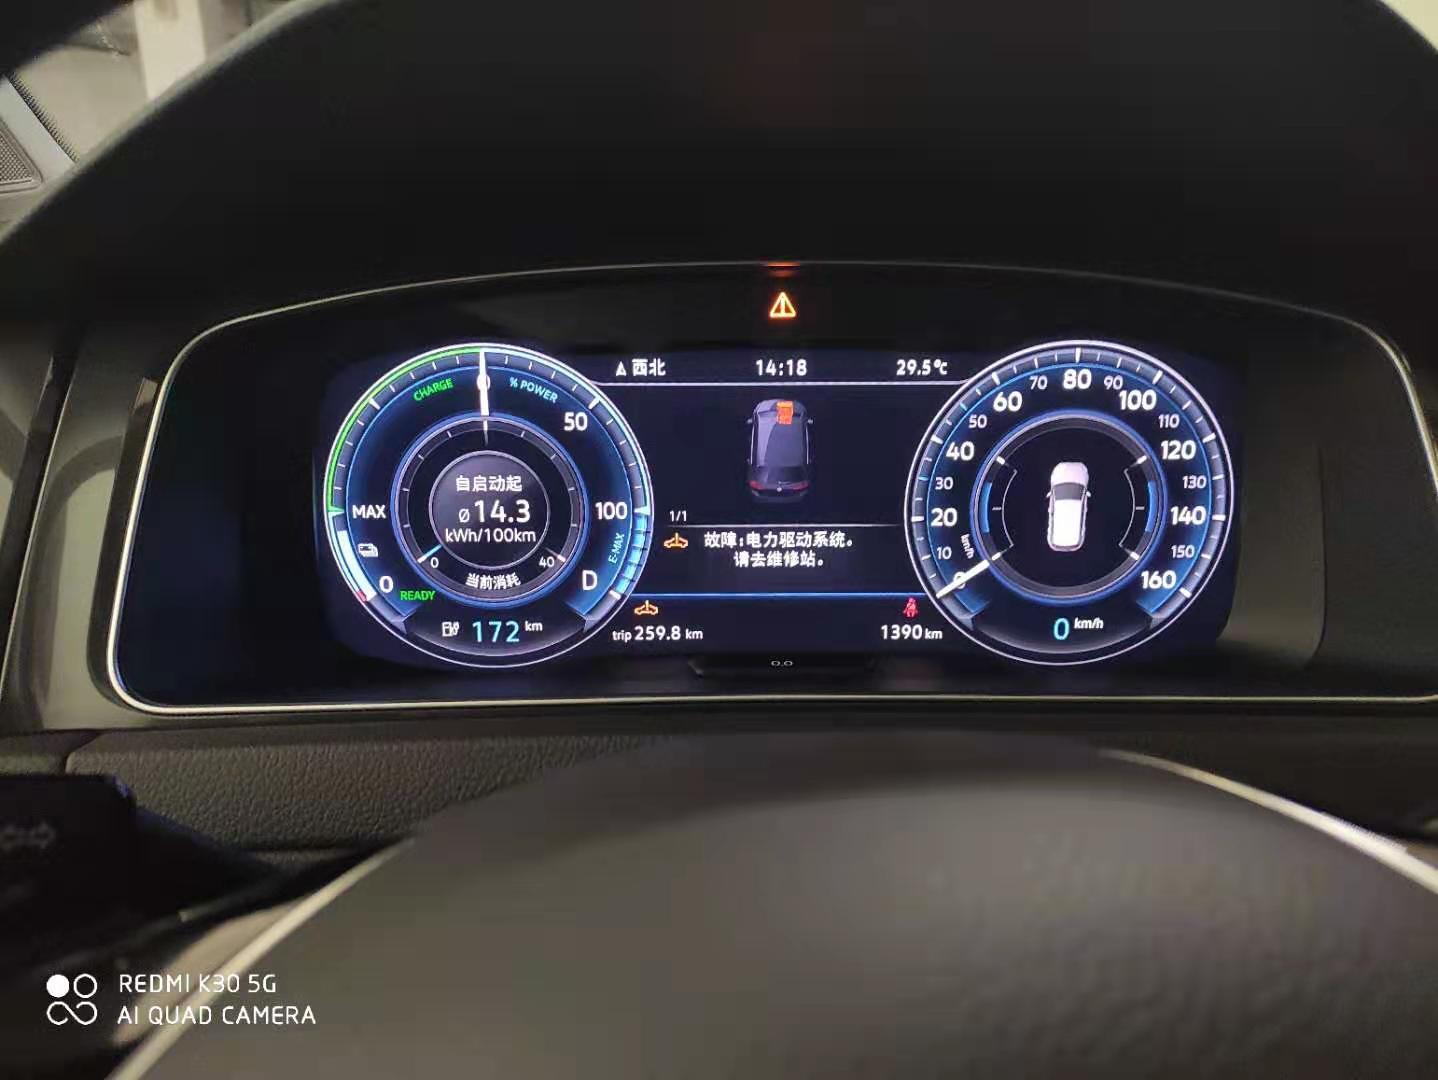 大众-高尔夫新能源(进口)多次出现电力驱动系统故障,车辆动力中断,方向盘没有助力